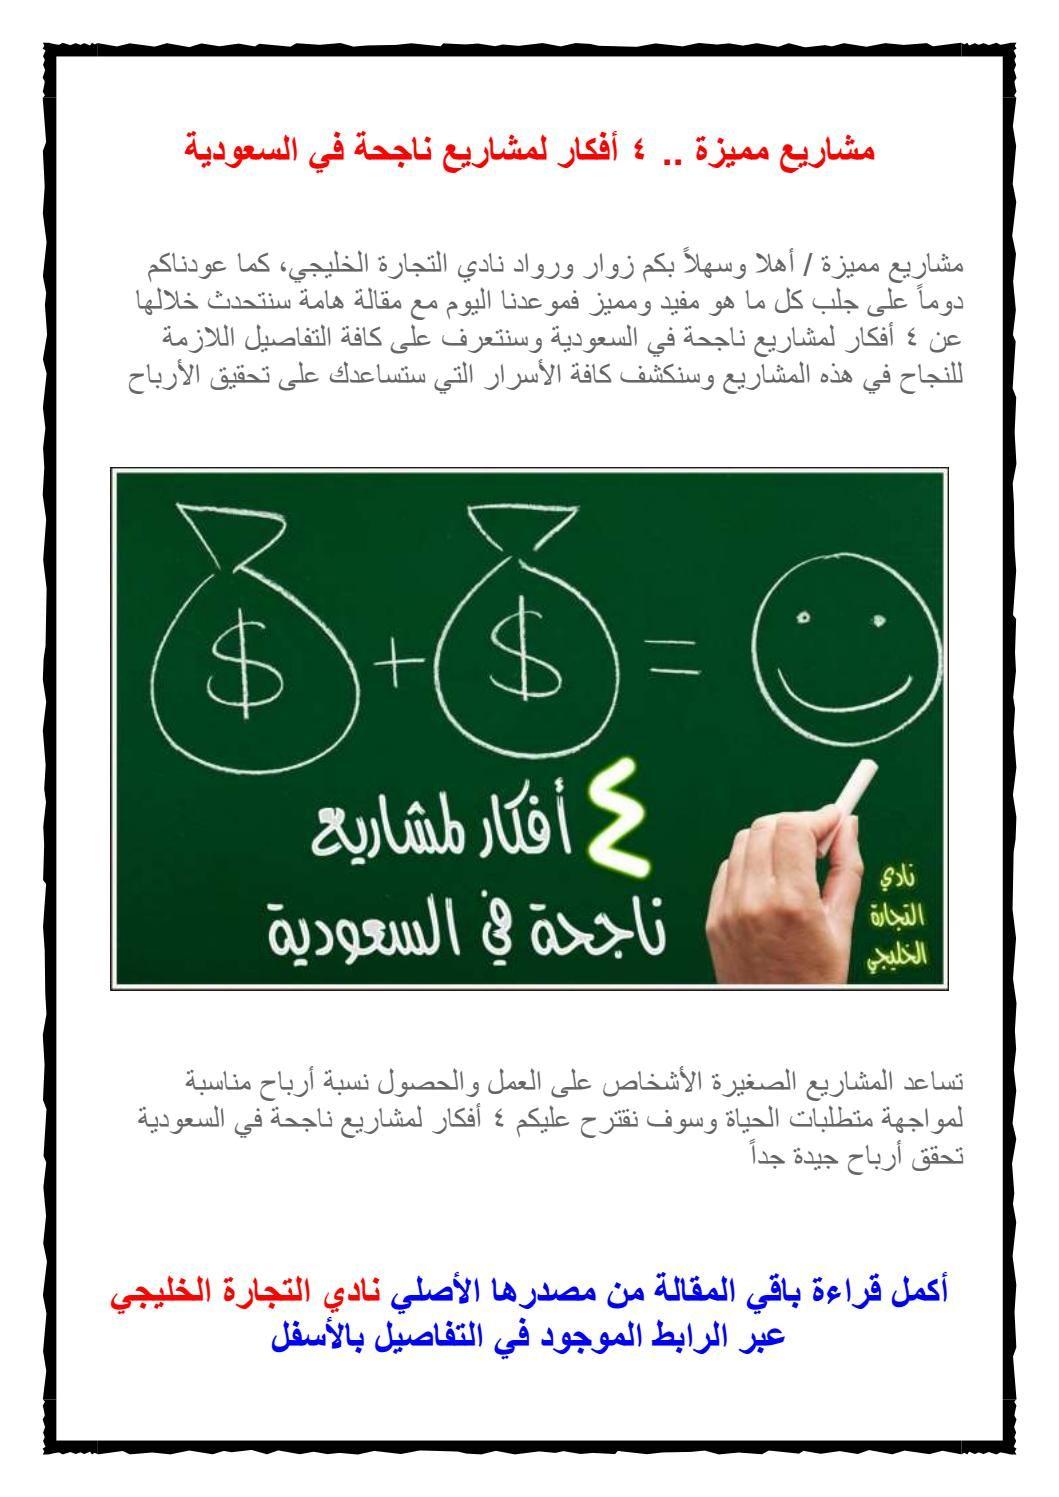 مشاريع مميزة 4 أفكار لمشاريع ناجحة في السعودية Microsoft Word Document Words Microsoft